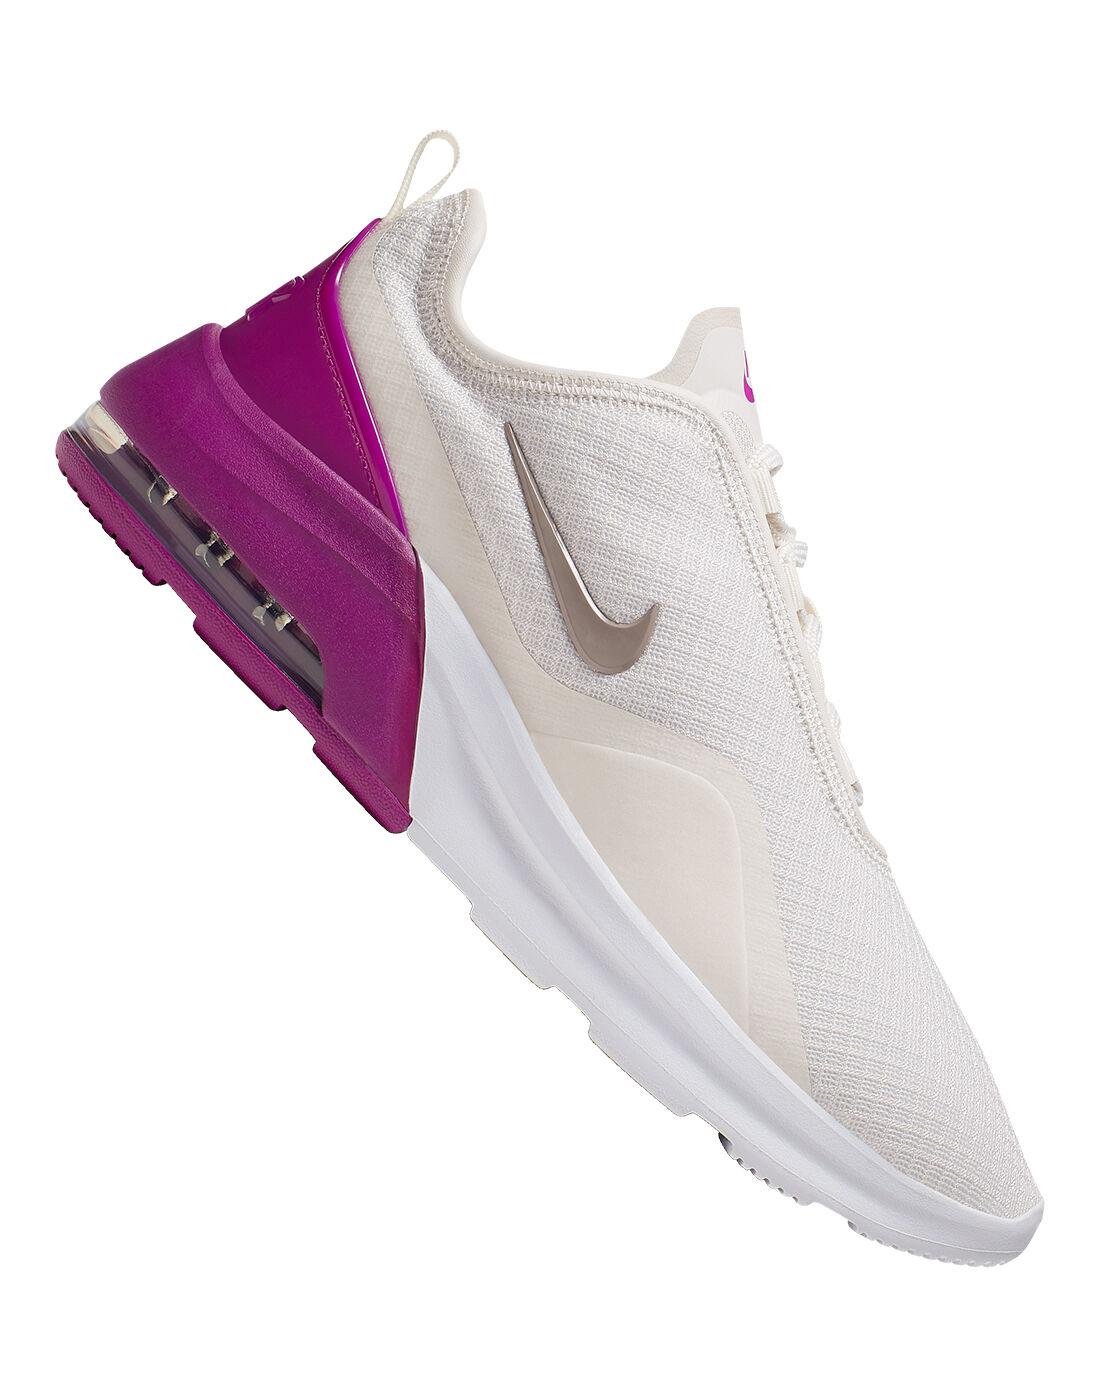 Nike Womens Air Max Motion - Cream